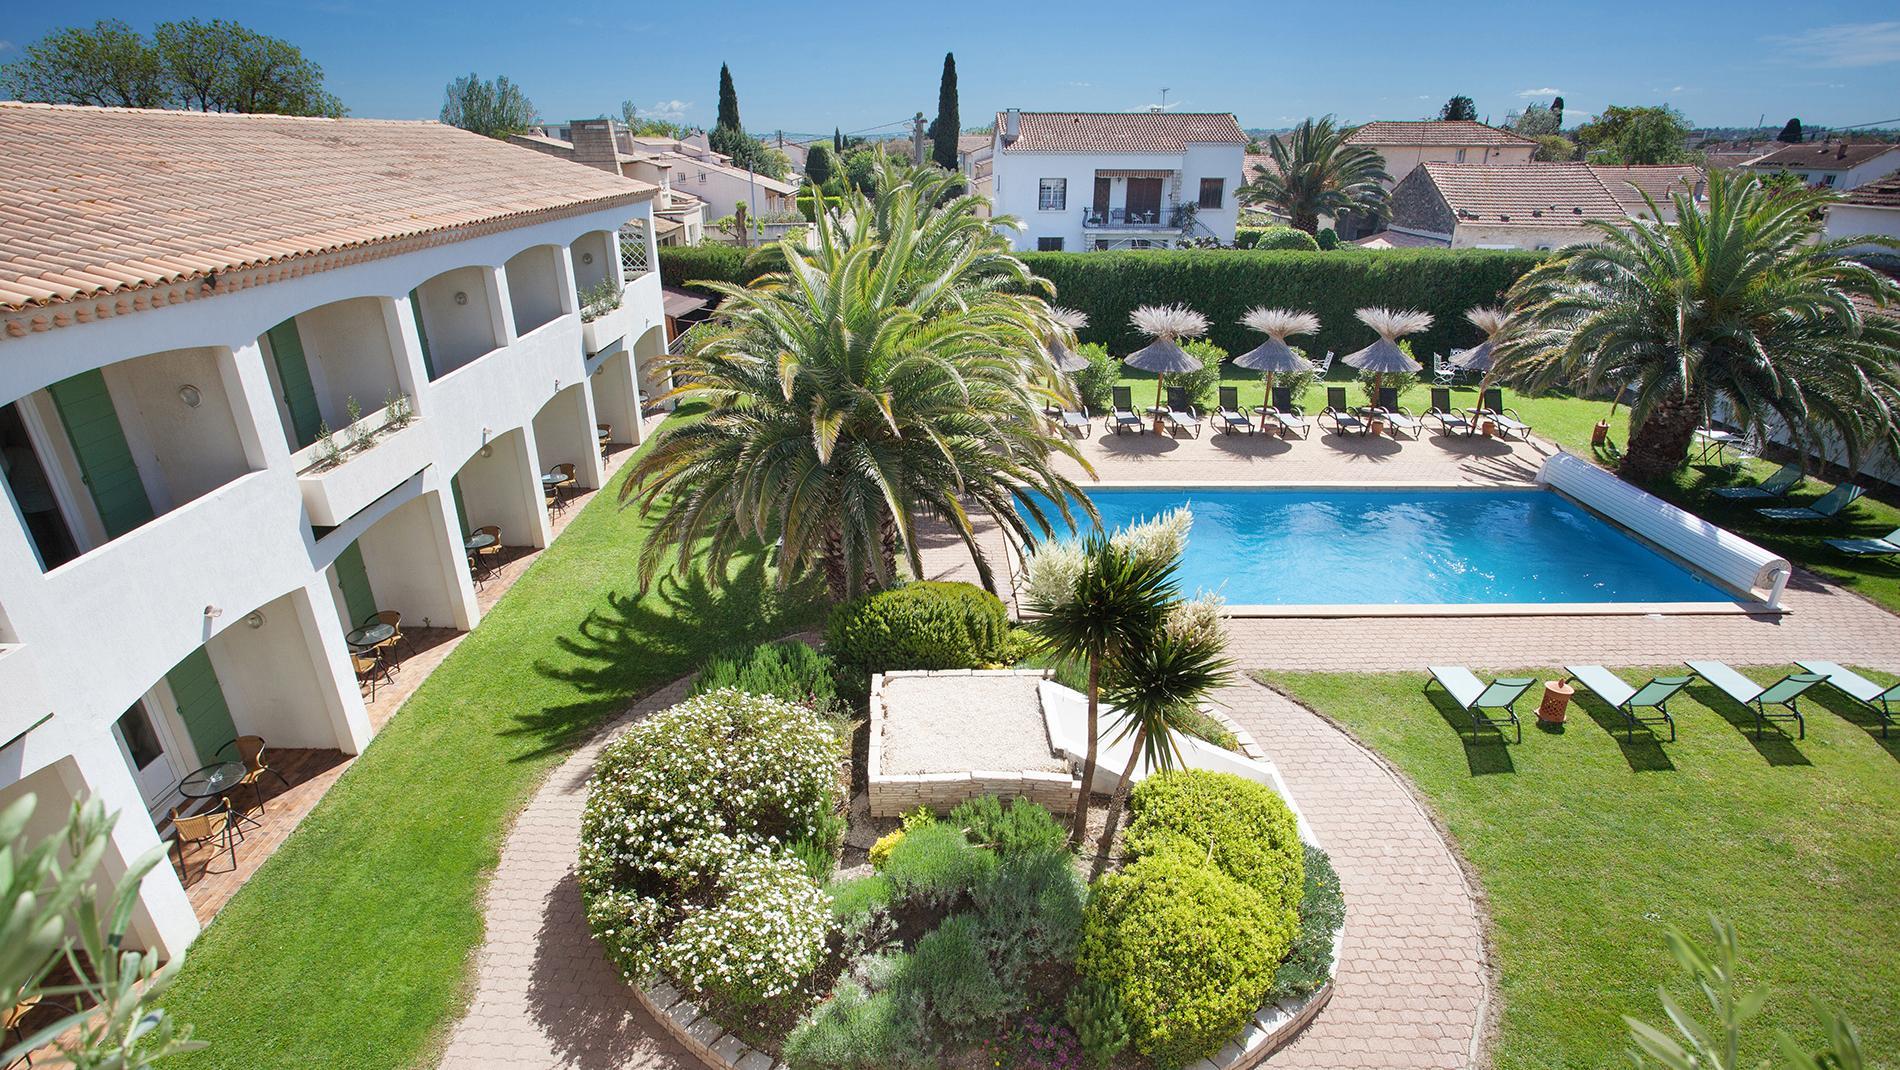 Hôtel de charme avec piscine au centre d'Arles